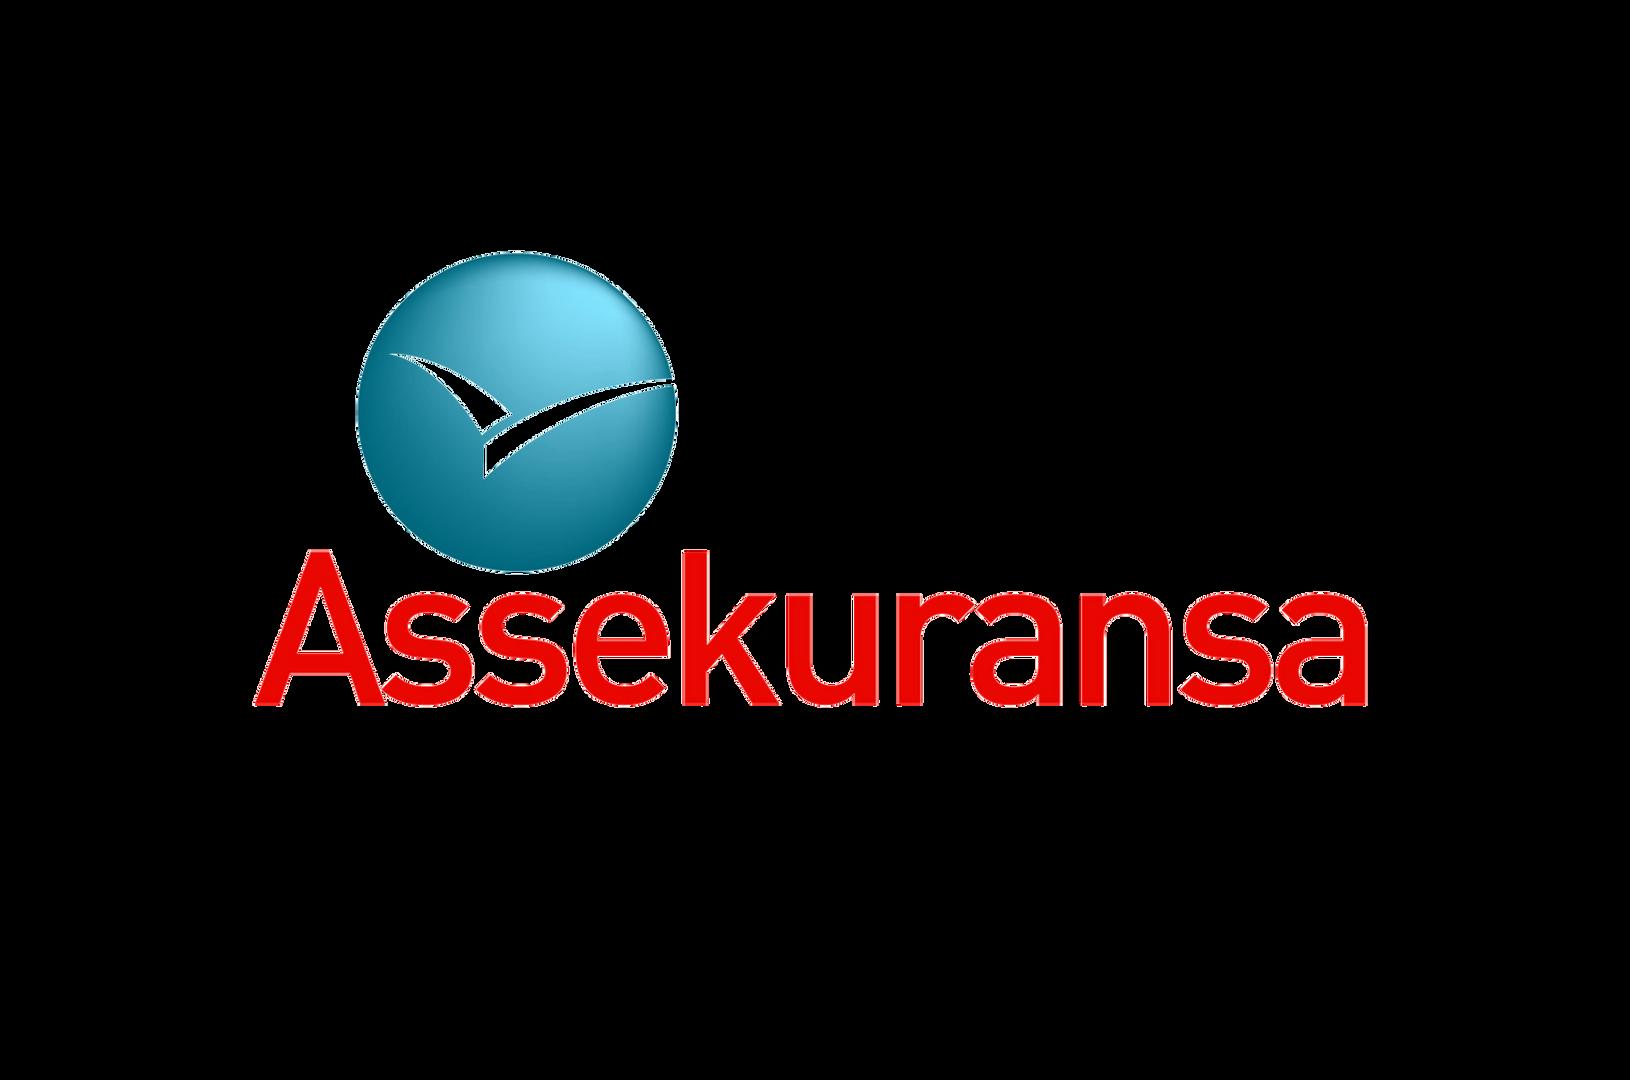 Assekuransa